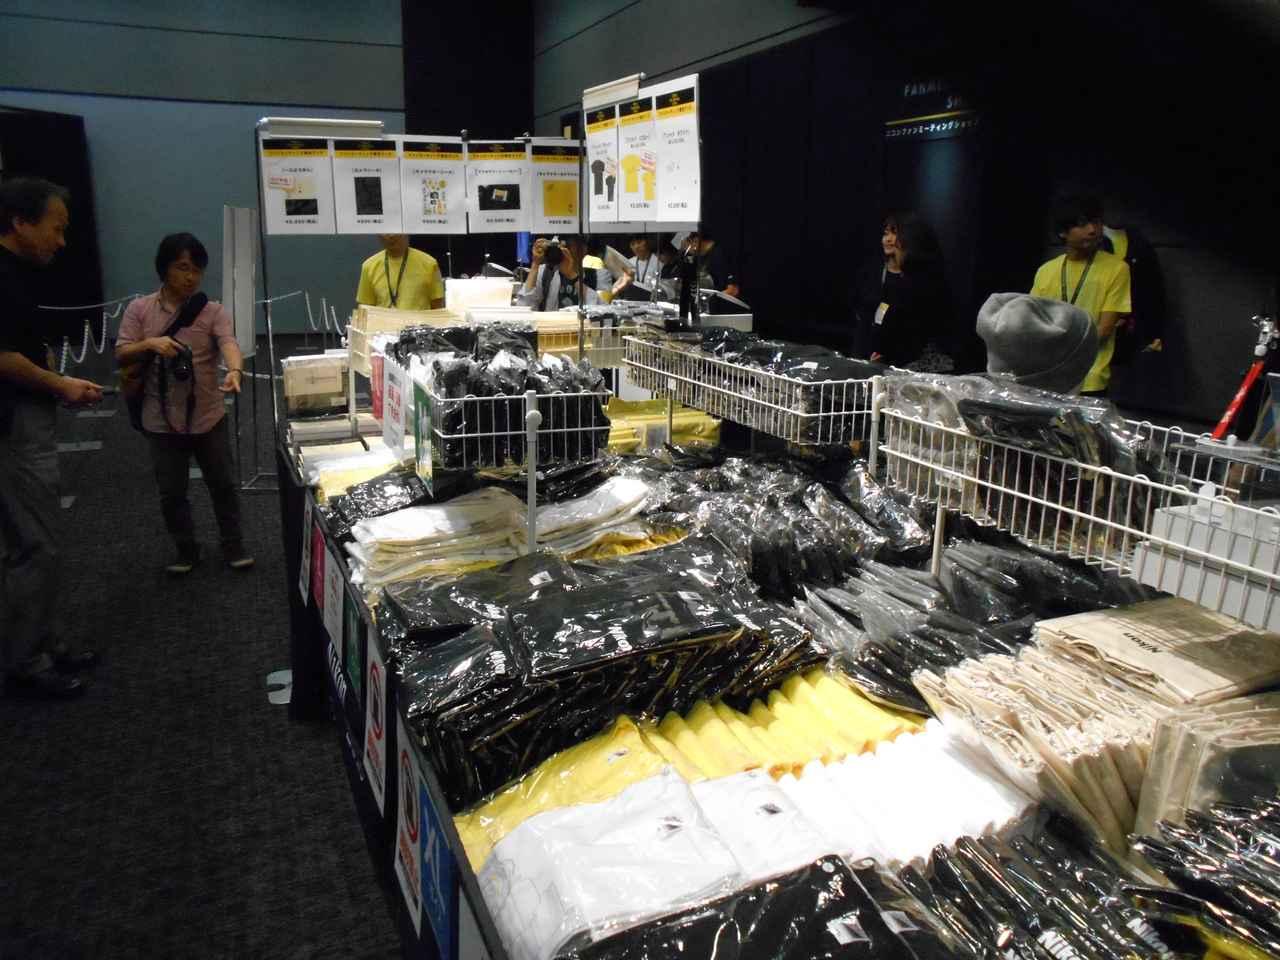 画像: ▲Tシャツやトートバックなどニコンオリジナルグッズが買える、物販コーナーも。